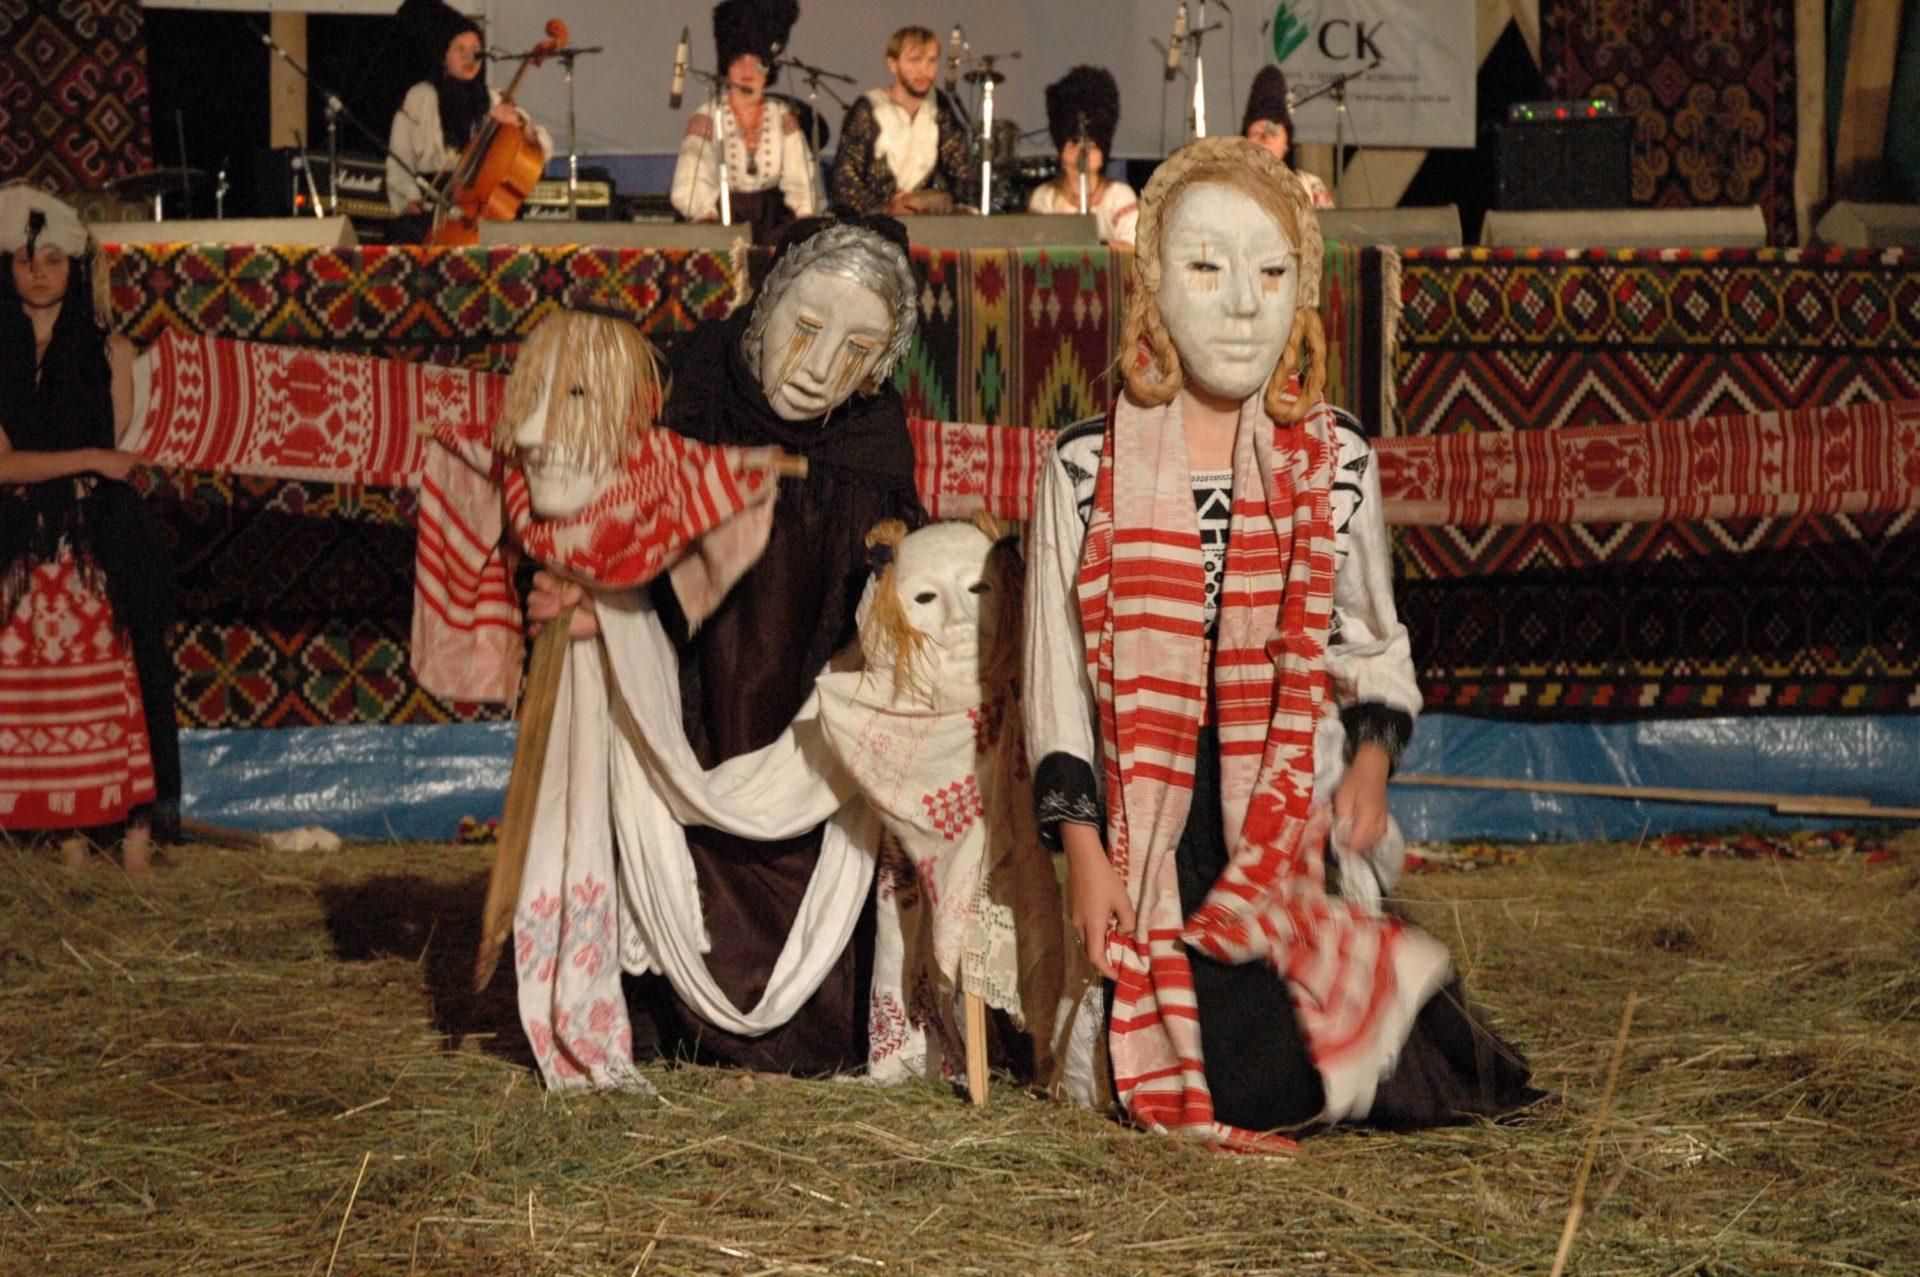 Під сценою двоє дівчат одягнуті в маски, тримають ляльок в таких самих масках та позують на камеру під виступ гурту «ДахаБраха» на фестивалі в Шешорах